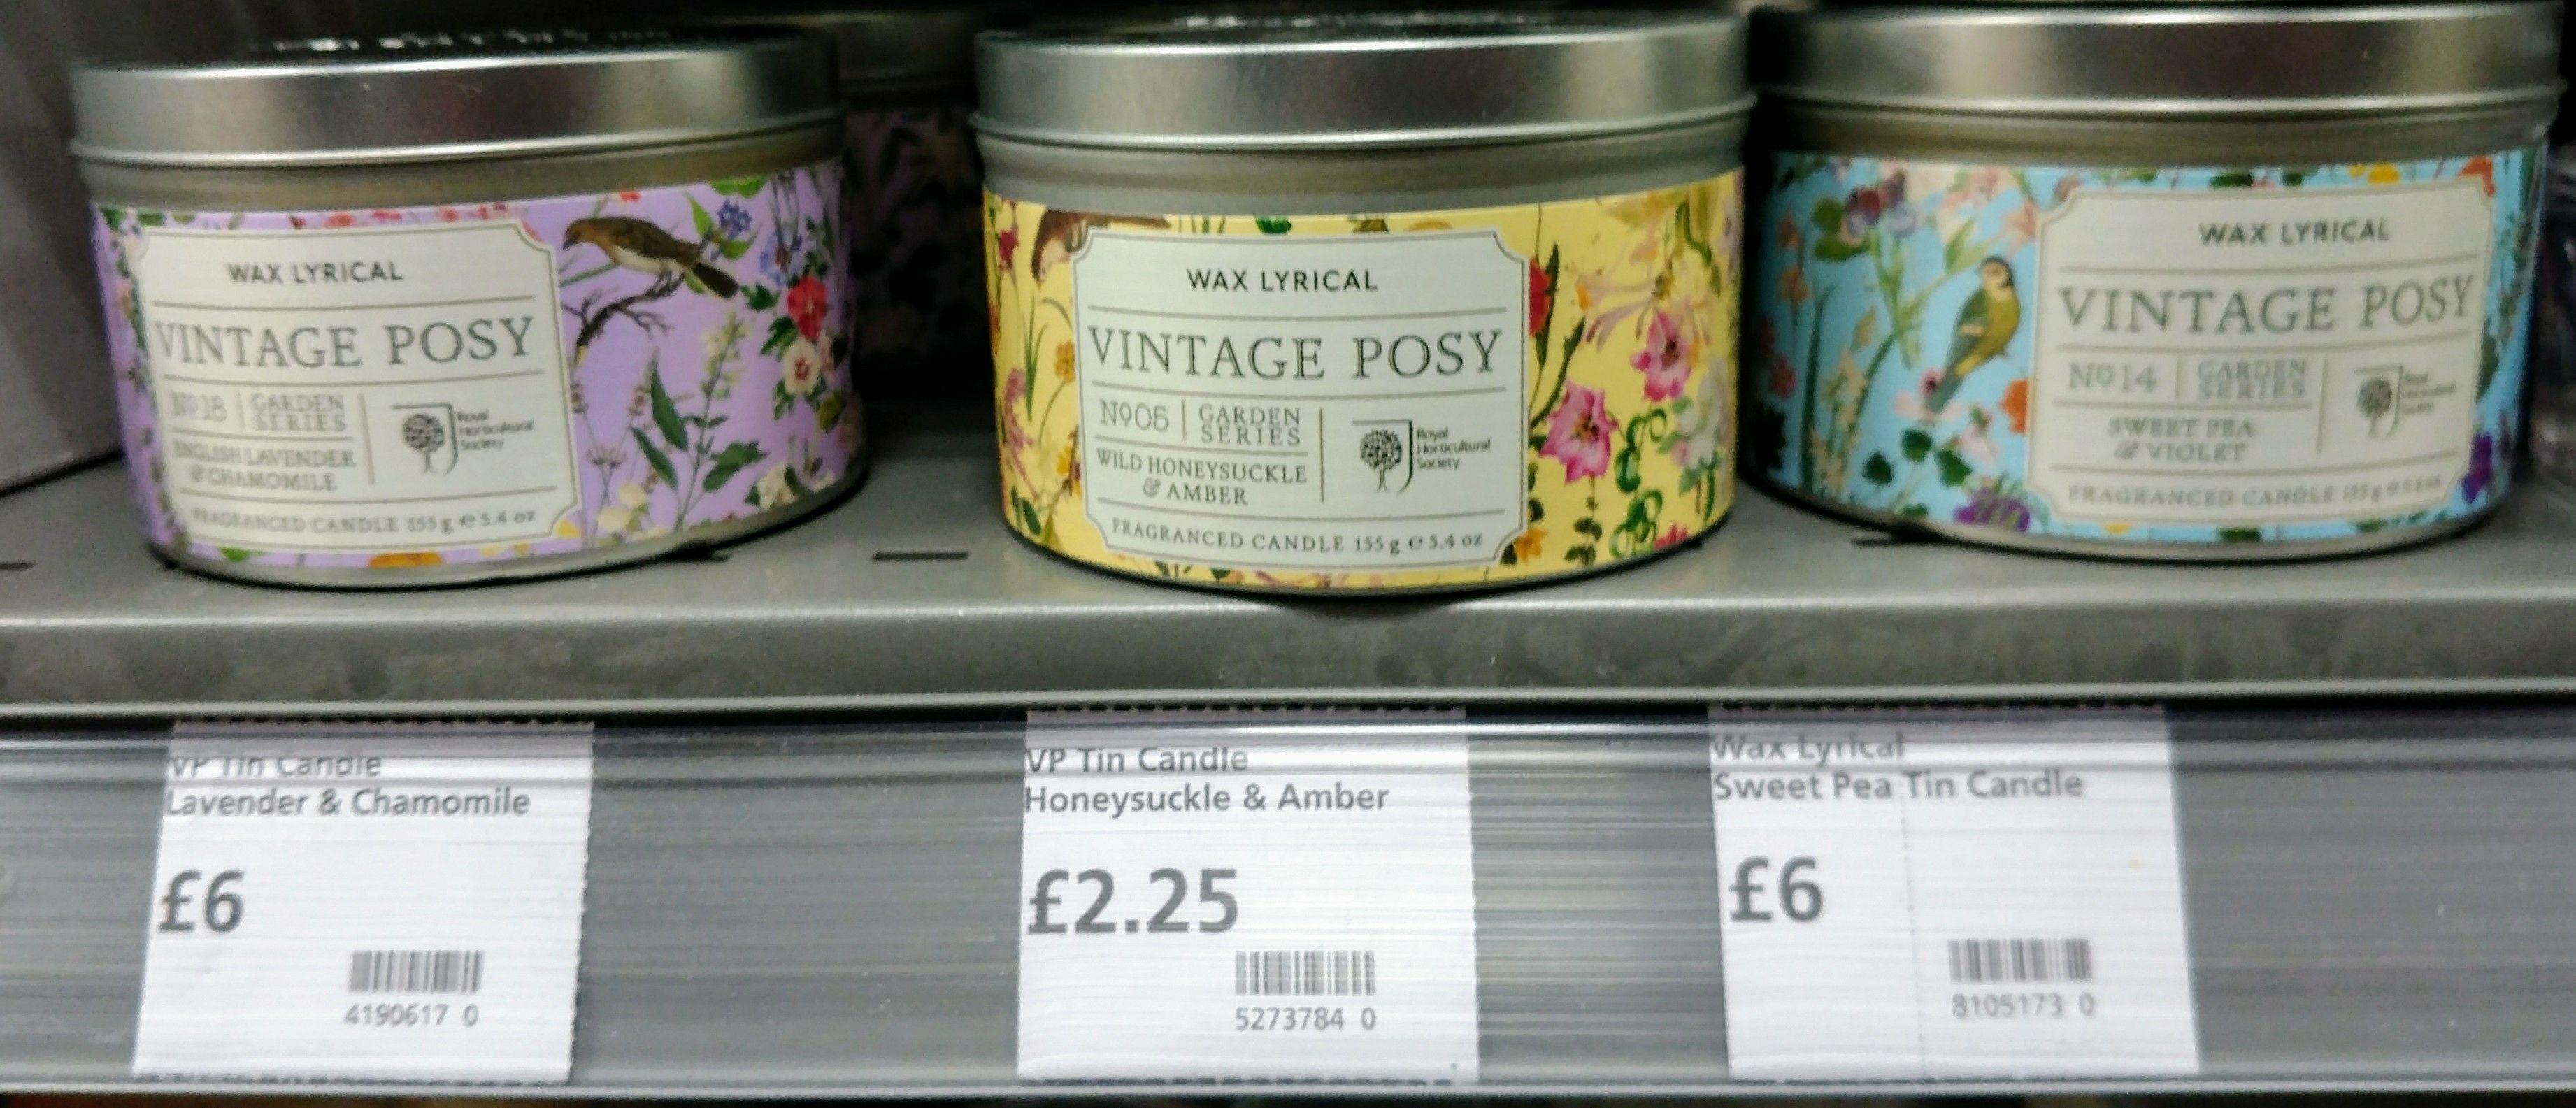 Wax Lyrical Vintage Posy Wild Honeysuckle & Amber candle £2.25 @ Waitrose